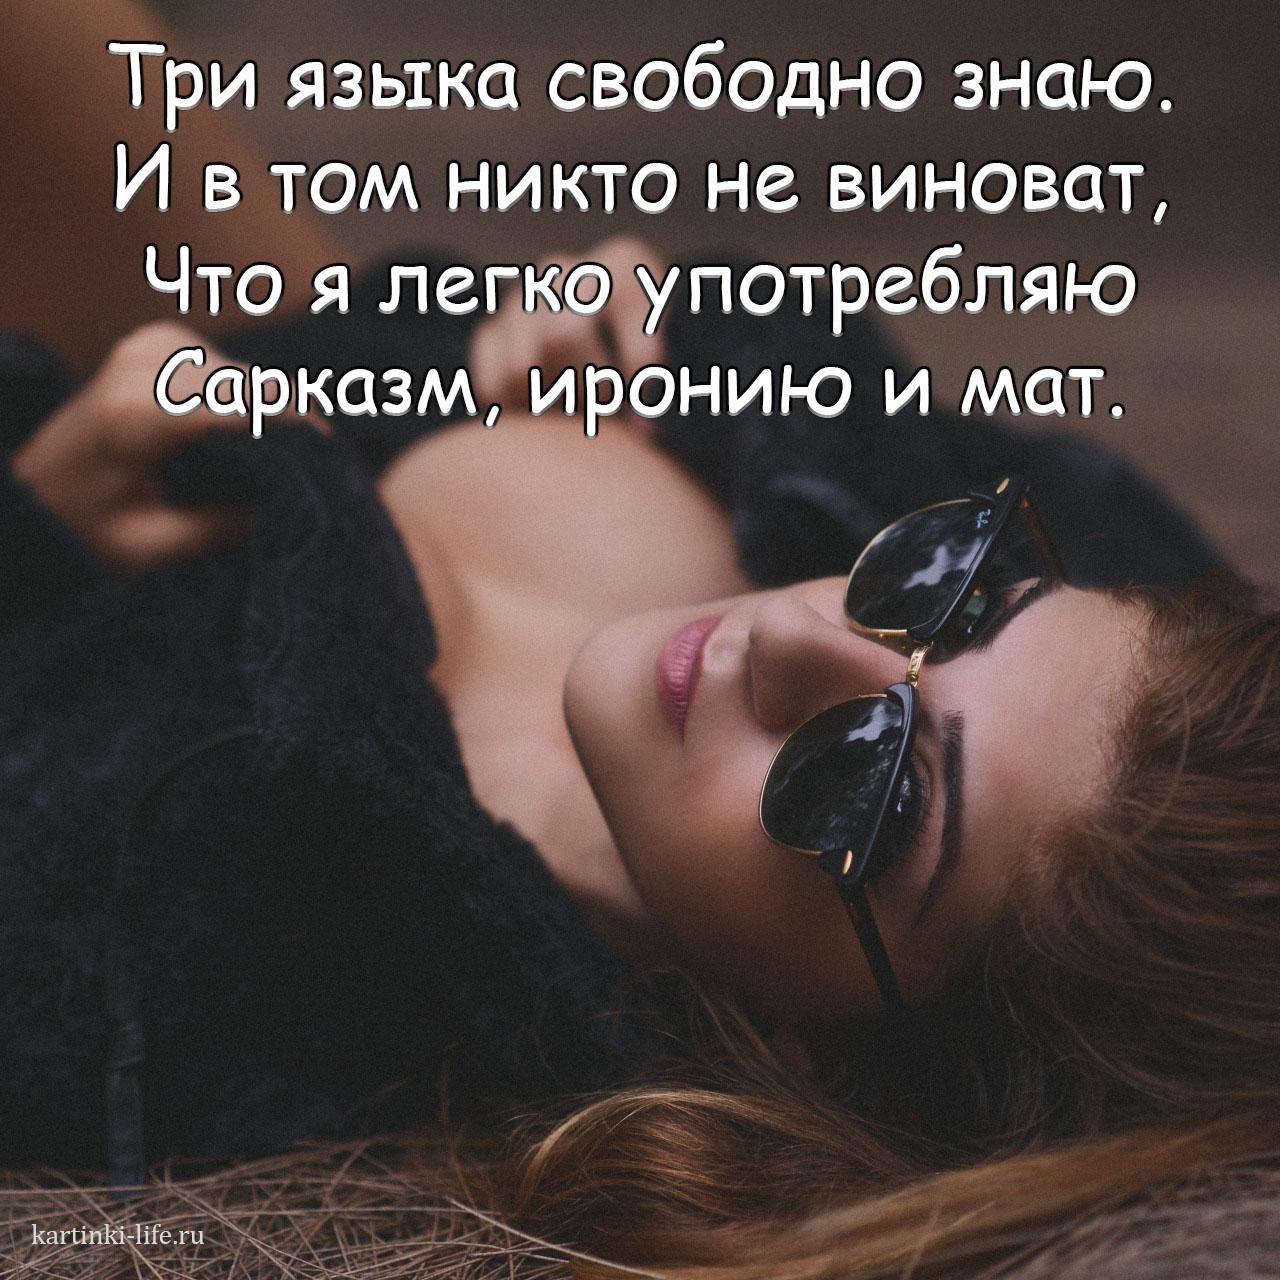 Три языка свободно знаю. И в том никто не виноват, Что я легко употребляю Сарказм, иронию и мат.